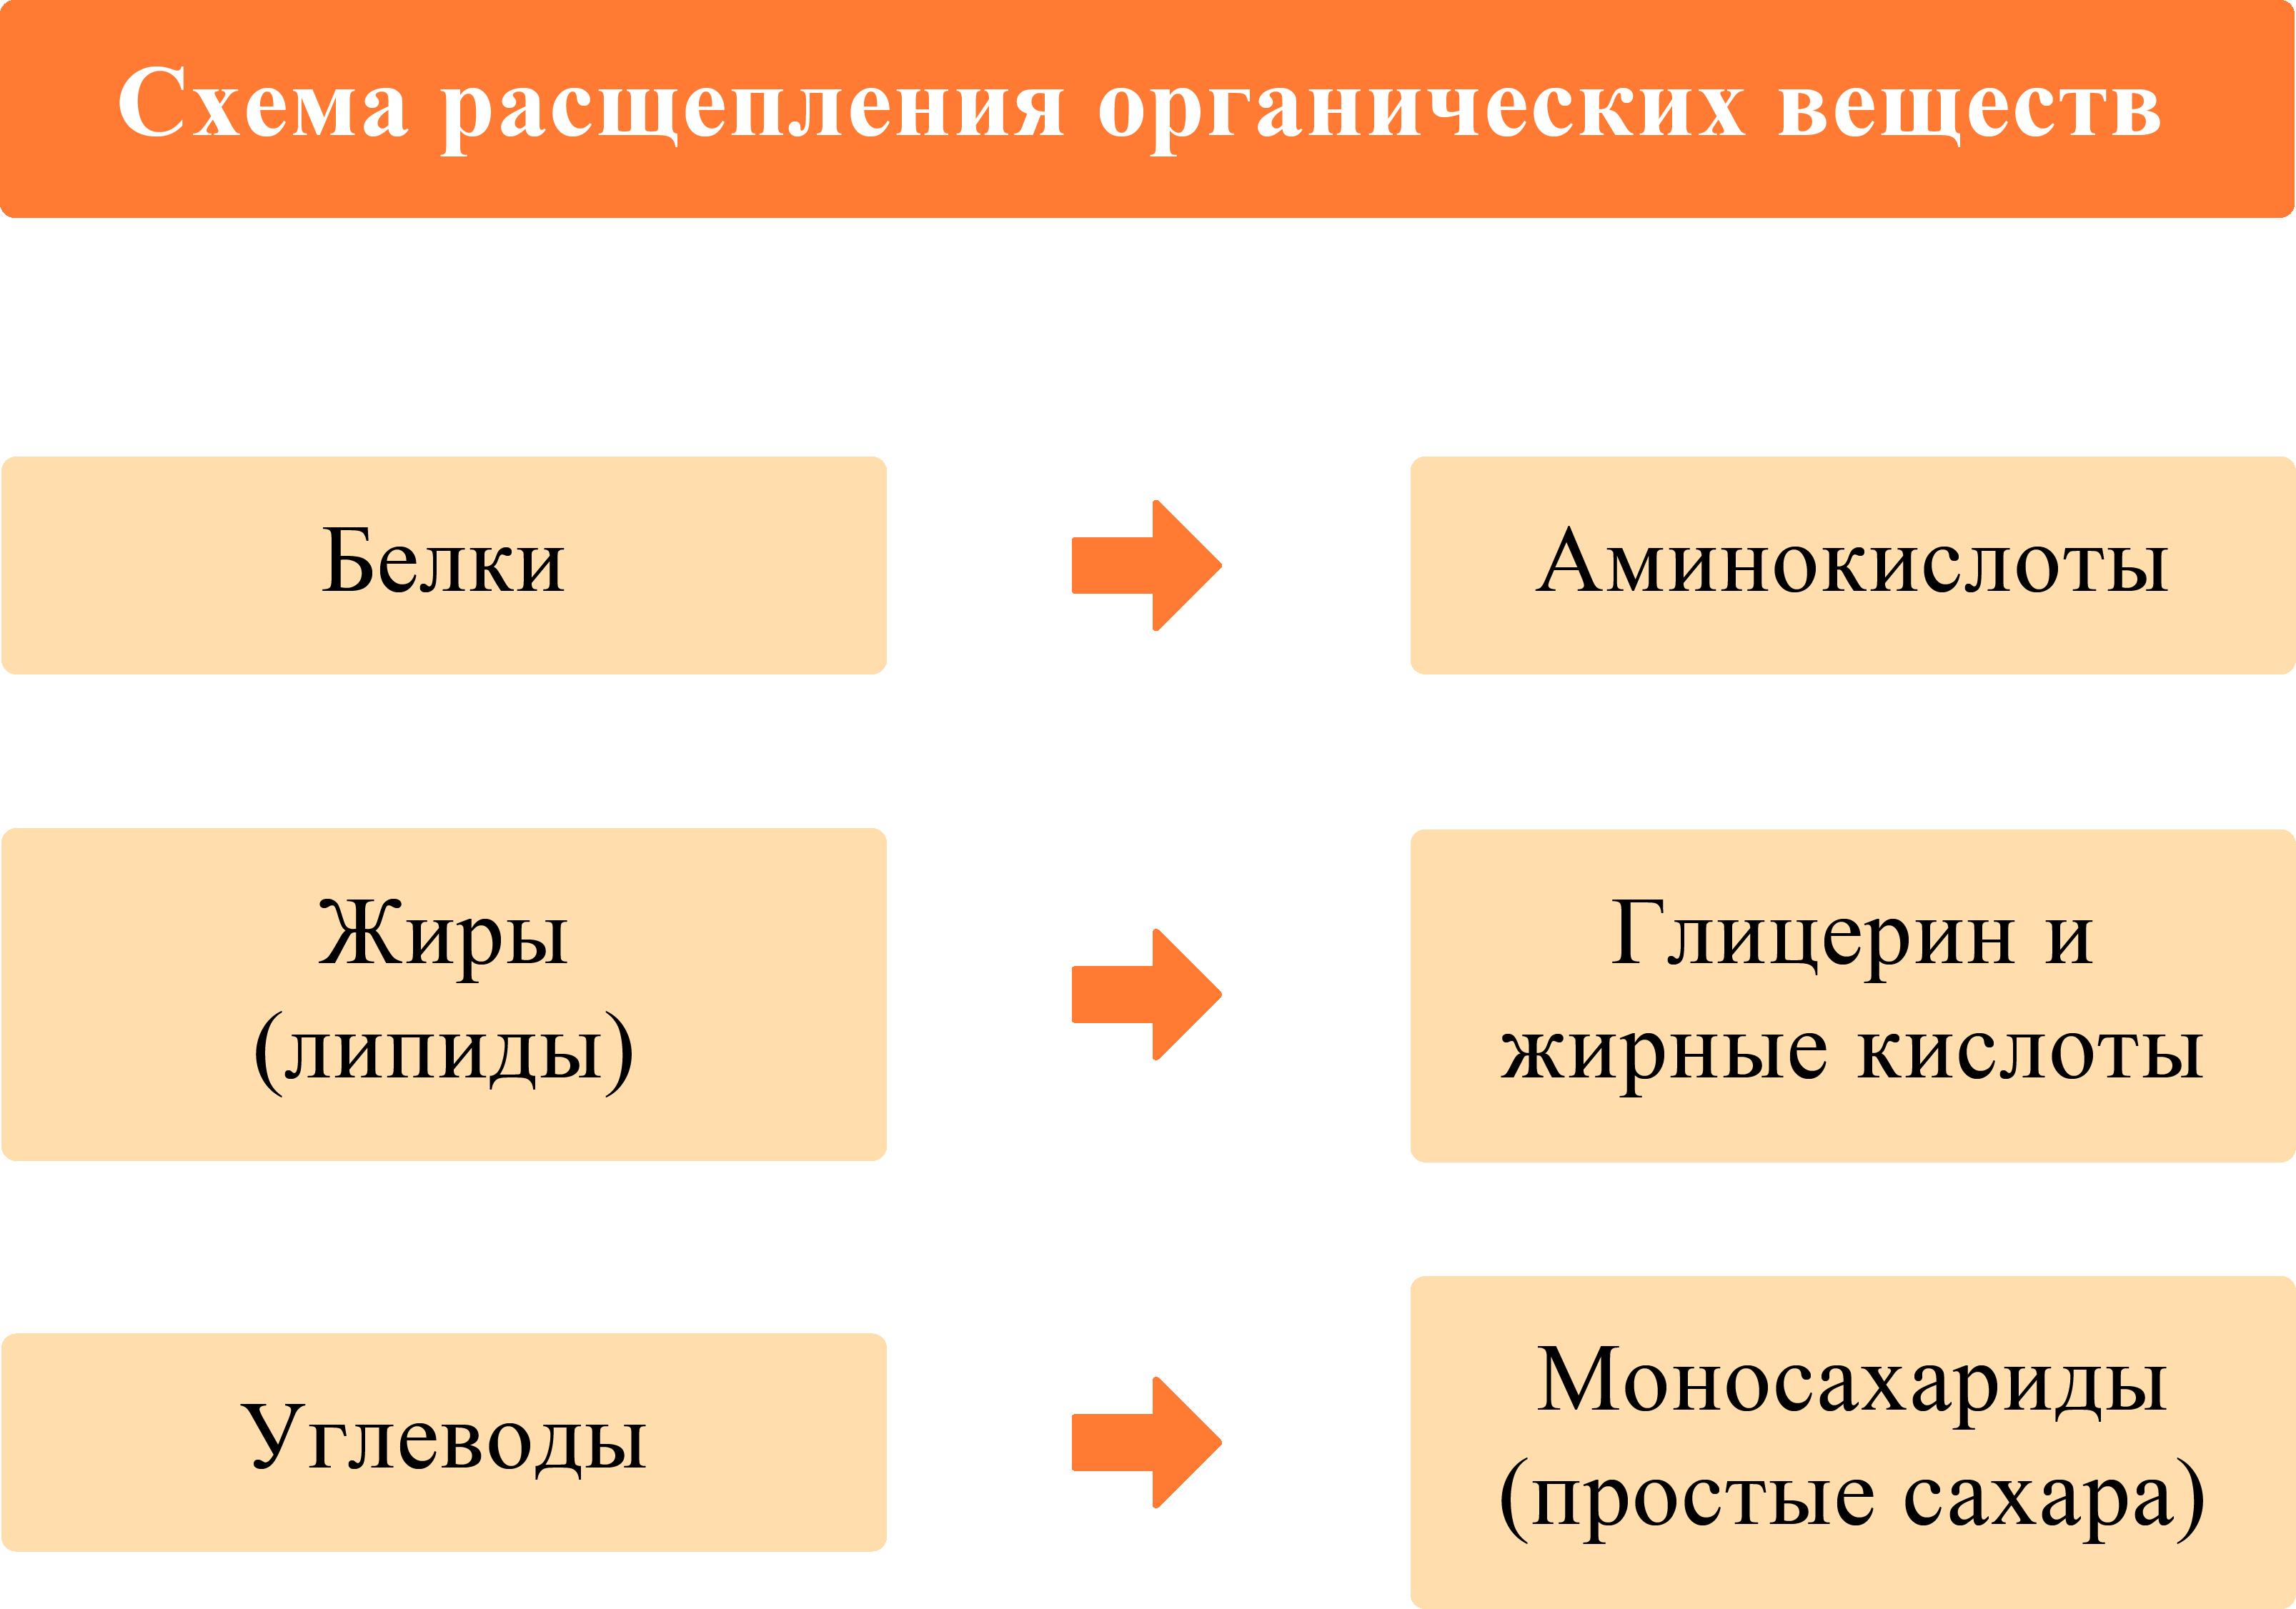 Схема расщепления органических веществ